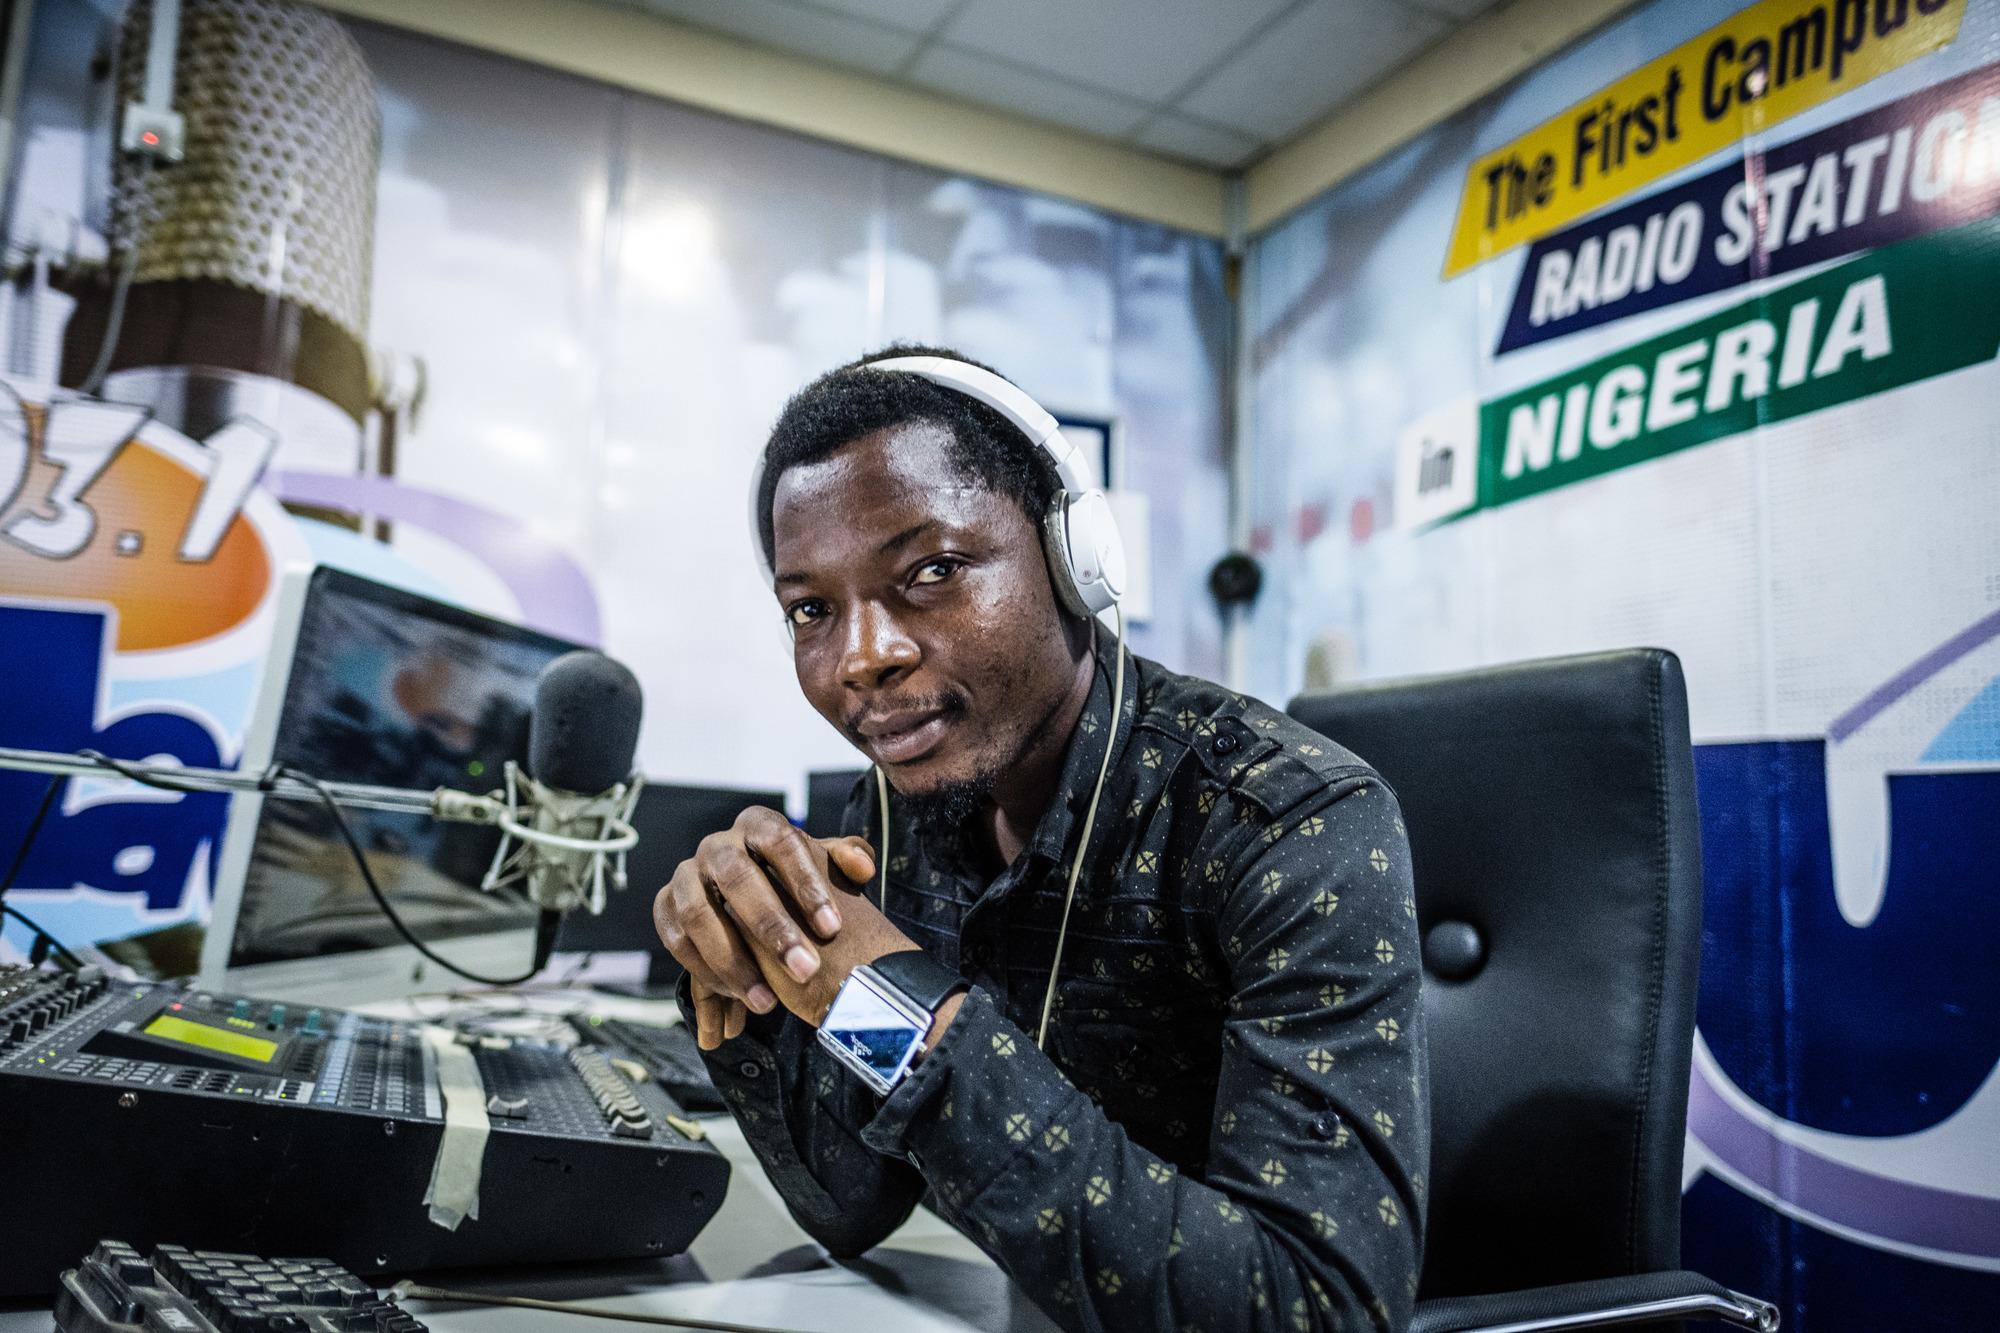 Éric Koufedji, animateur radio togolais arrivé il y a dix ans, présente des émissions en français sur Unilag FM et Metro FM.